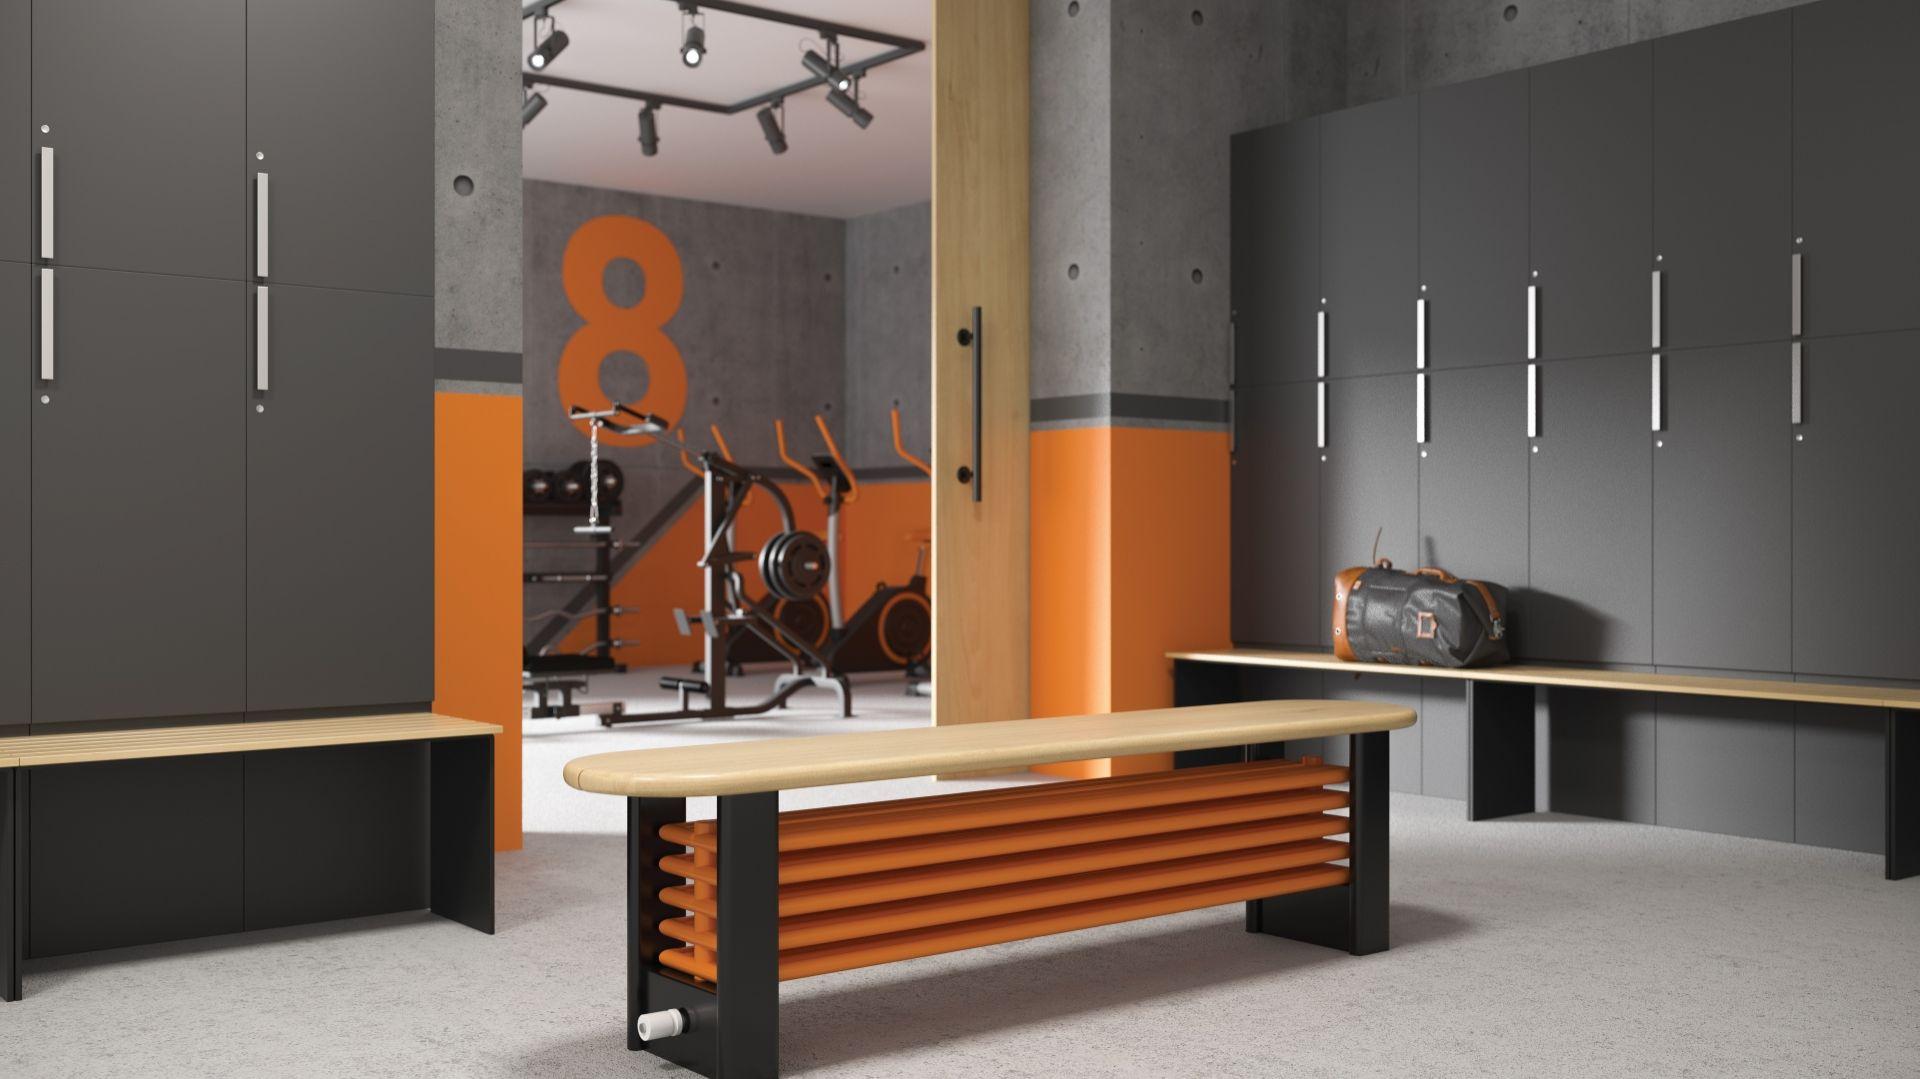 Grzejnik Delta Column Bench/Purmo. Produkt zgłoszony do konkursu Dobry Design 2019.